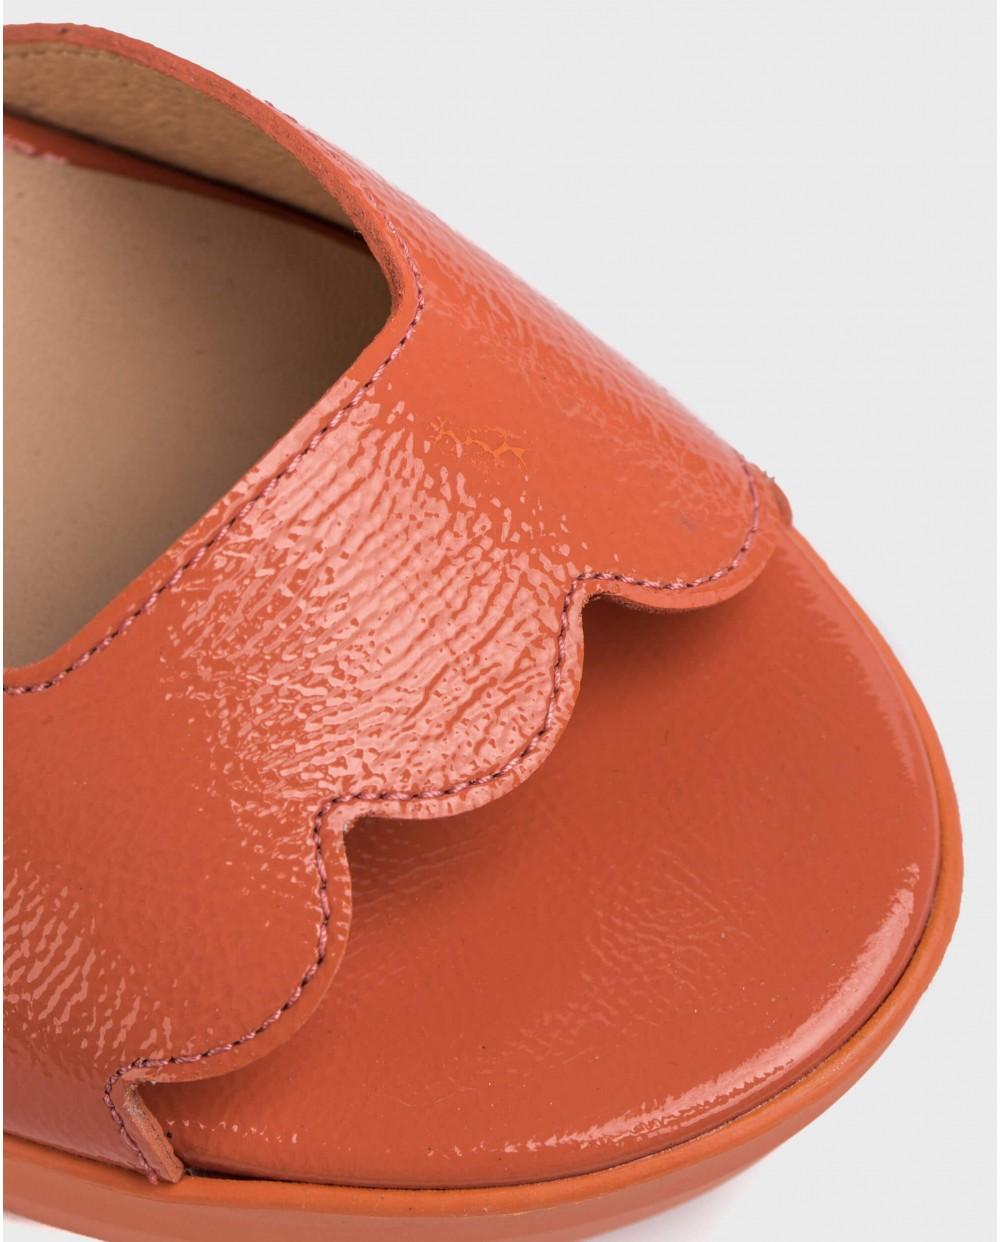 Wonders-Sandals-Sandal with wave-cut detail